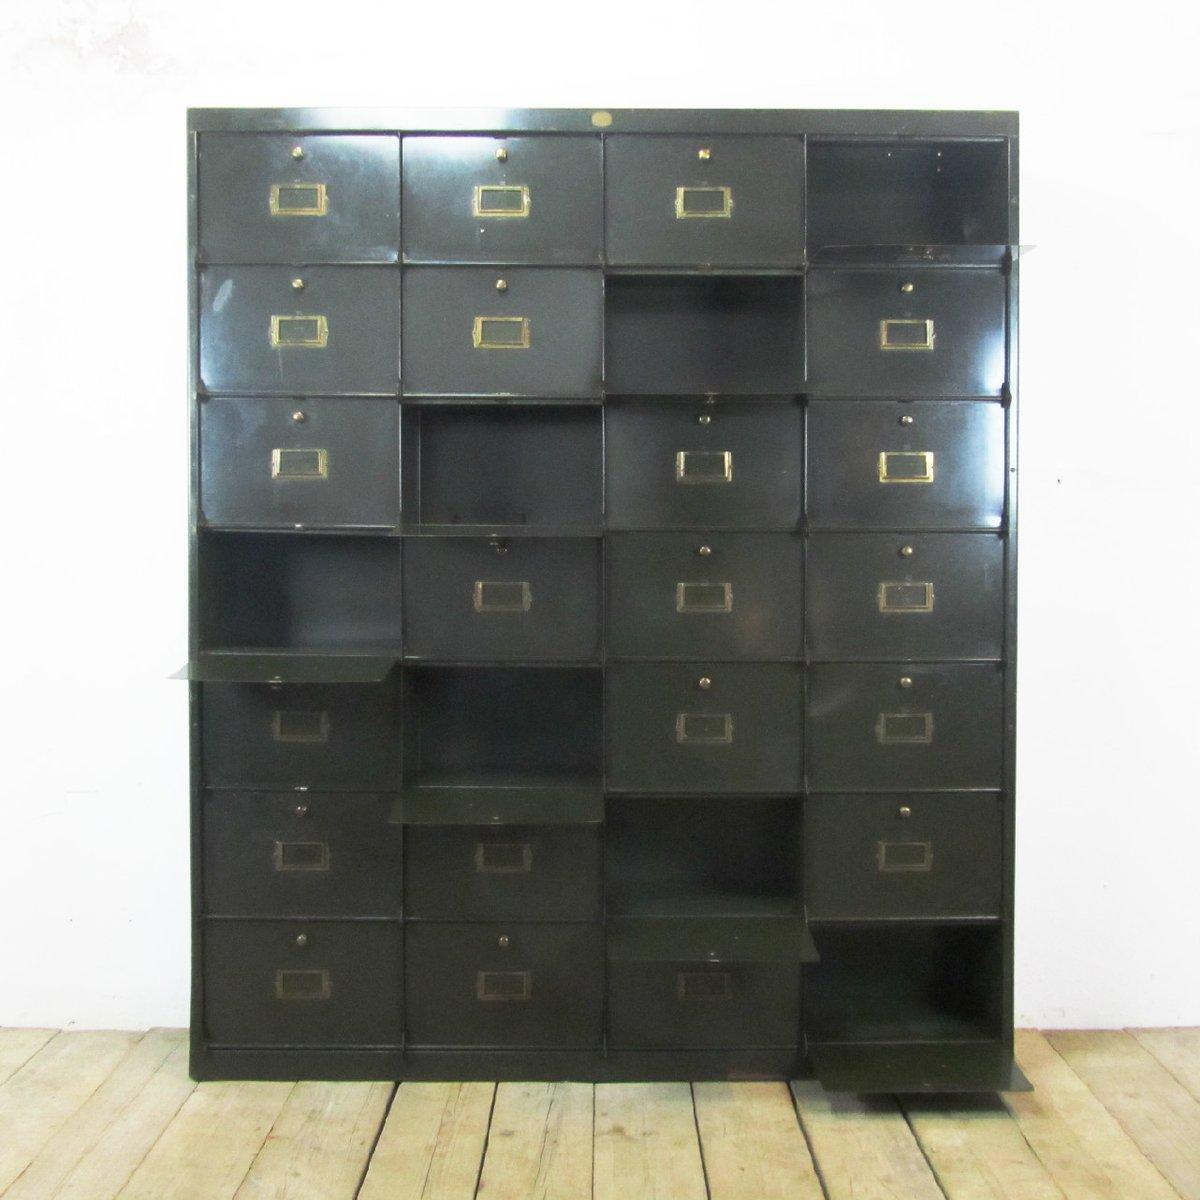 schrank mit 28 f chern von c lechat bei pamono kaufen. Black Bedroom Furniture Sets. Home Design Ideas